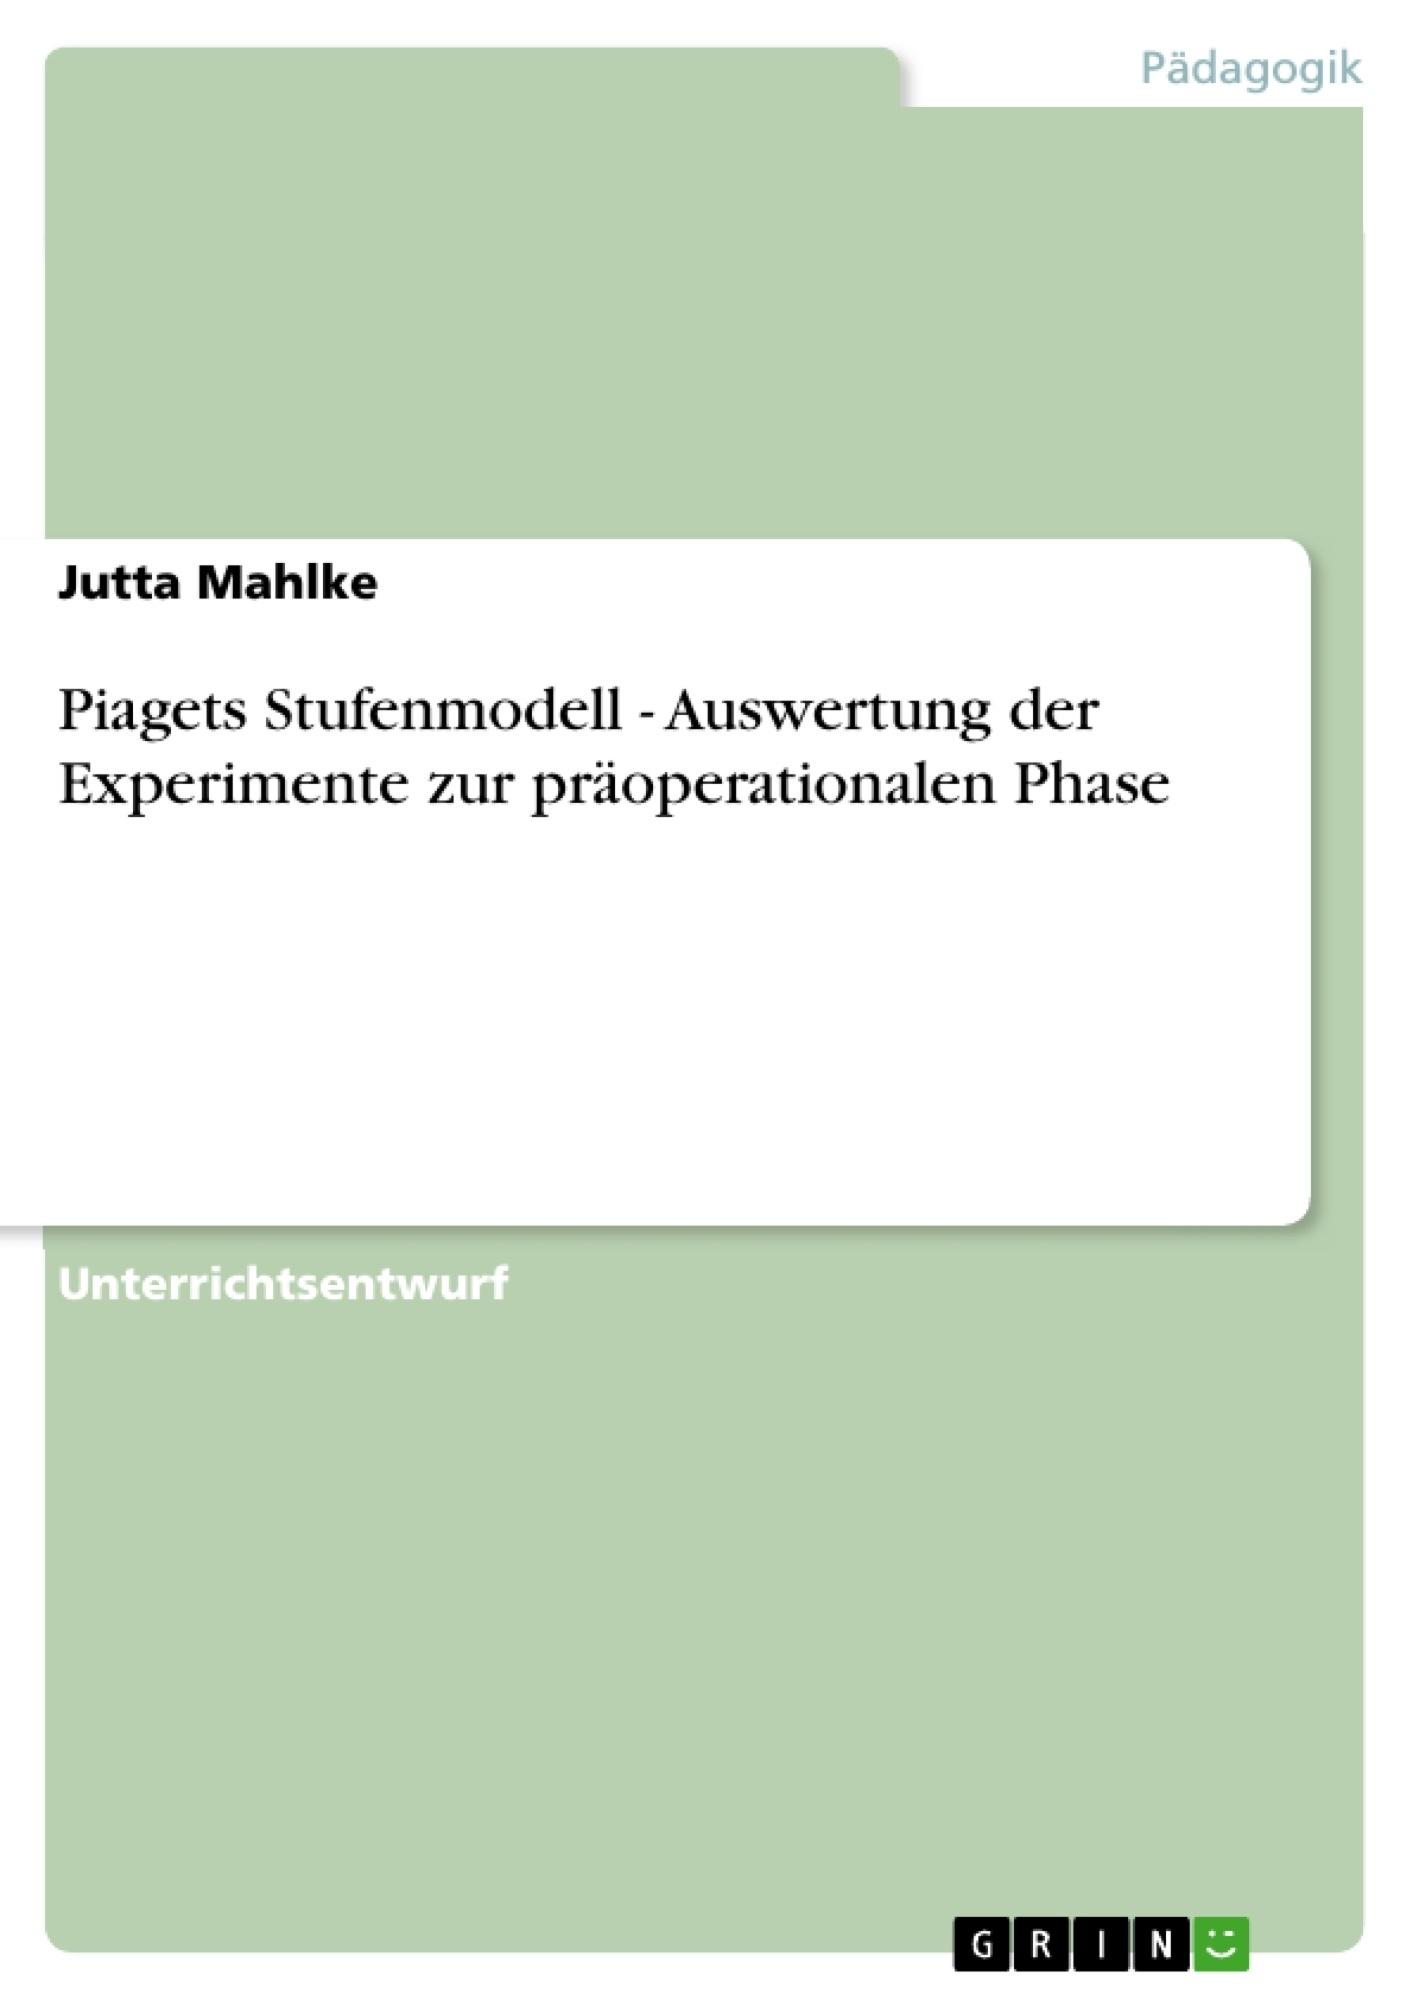 Titel: Piagets Stufenmodell - Auswertung der Experimente zur präoperationalen Phase